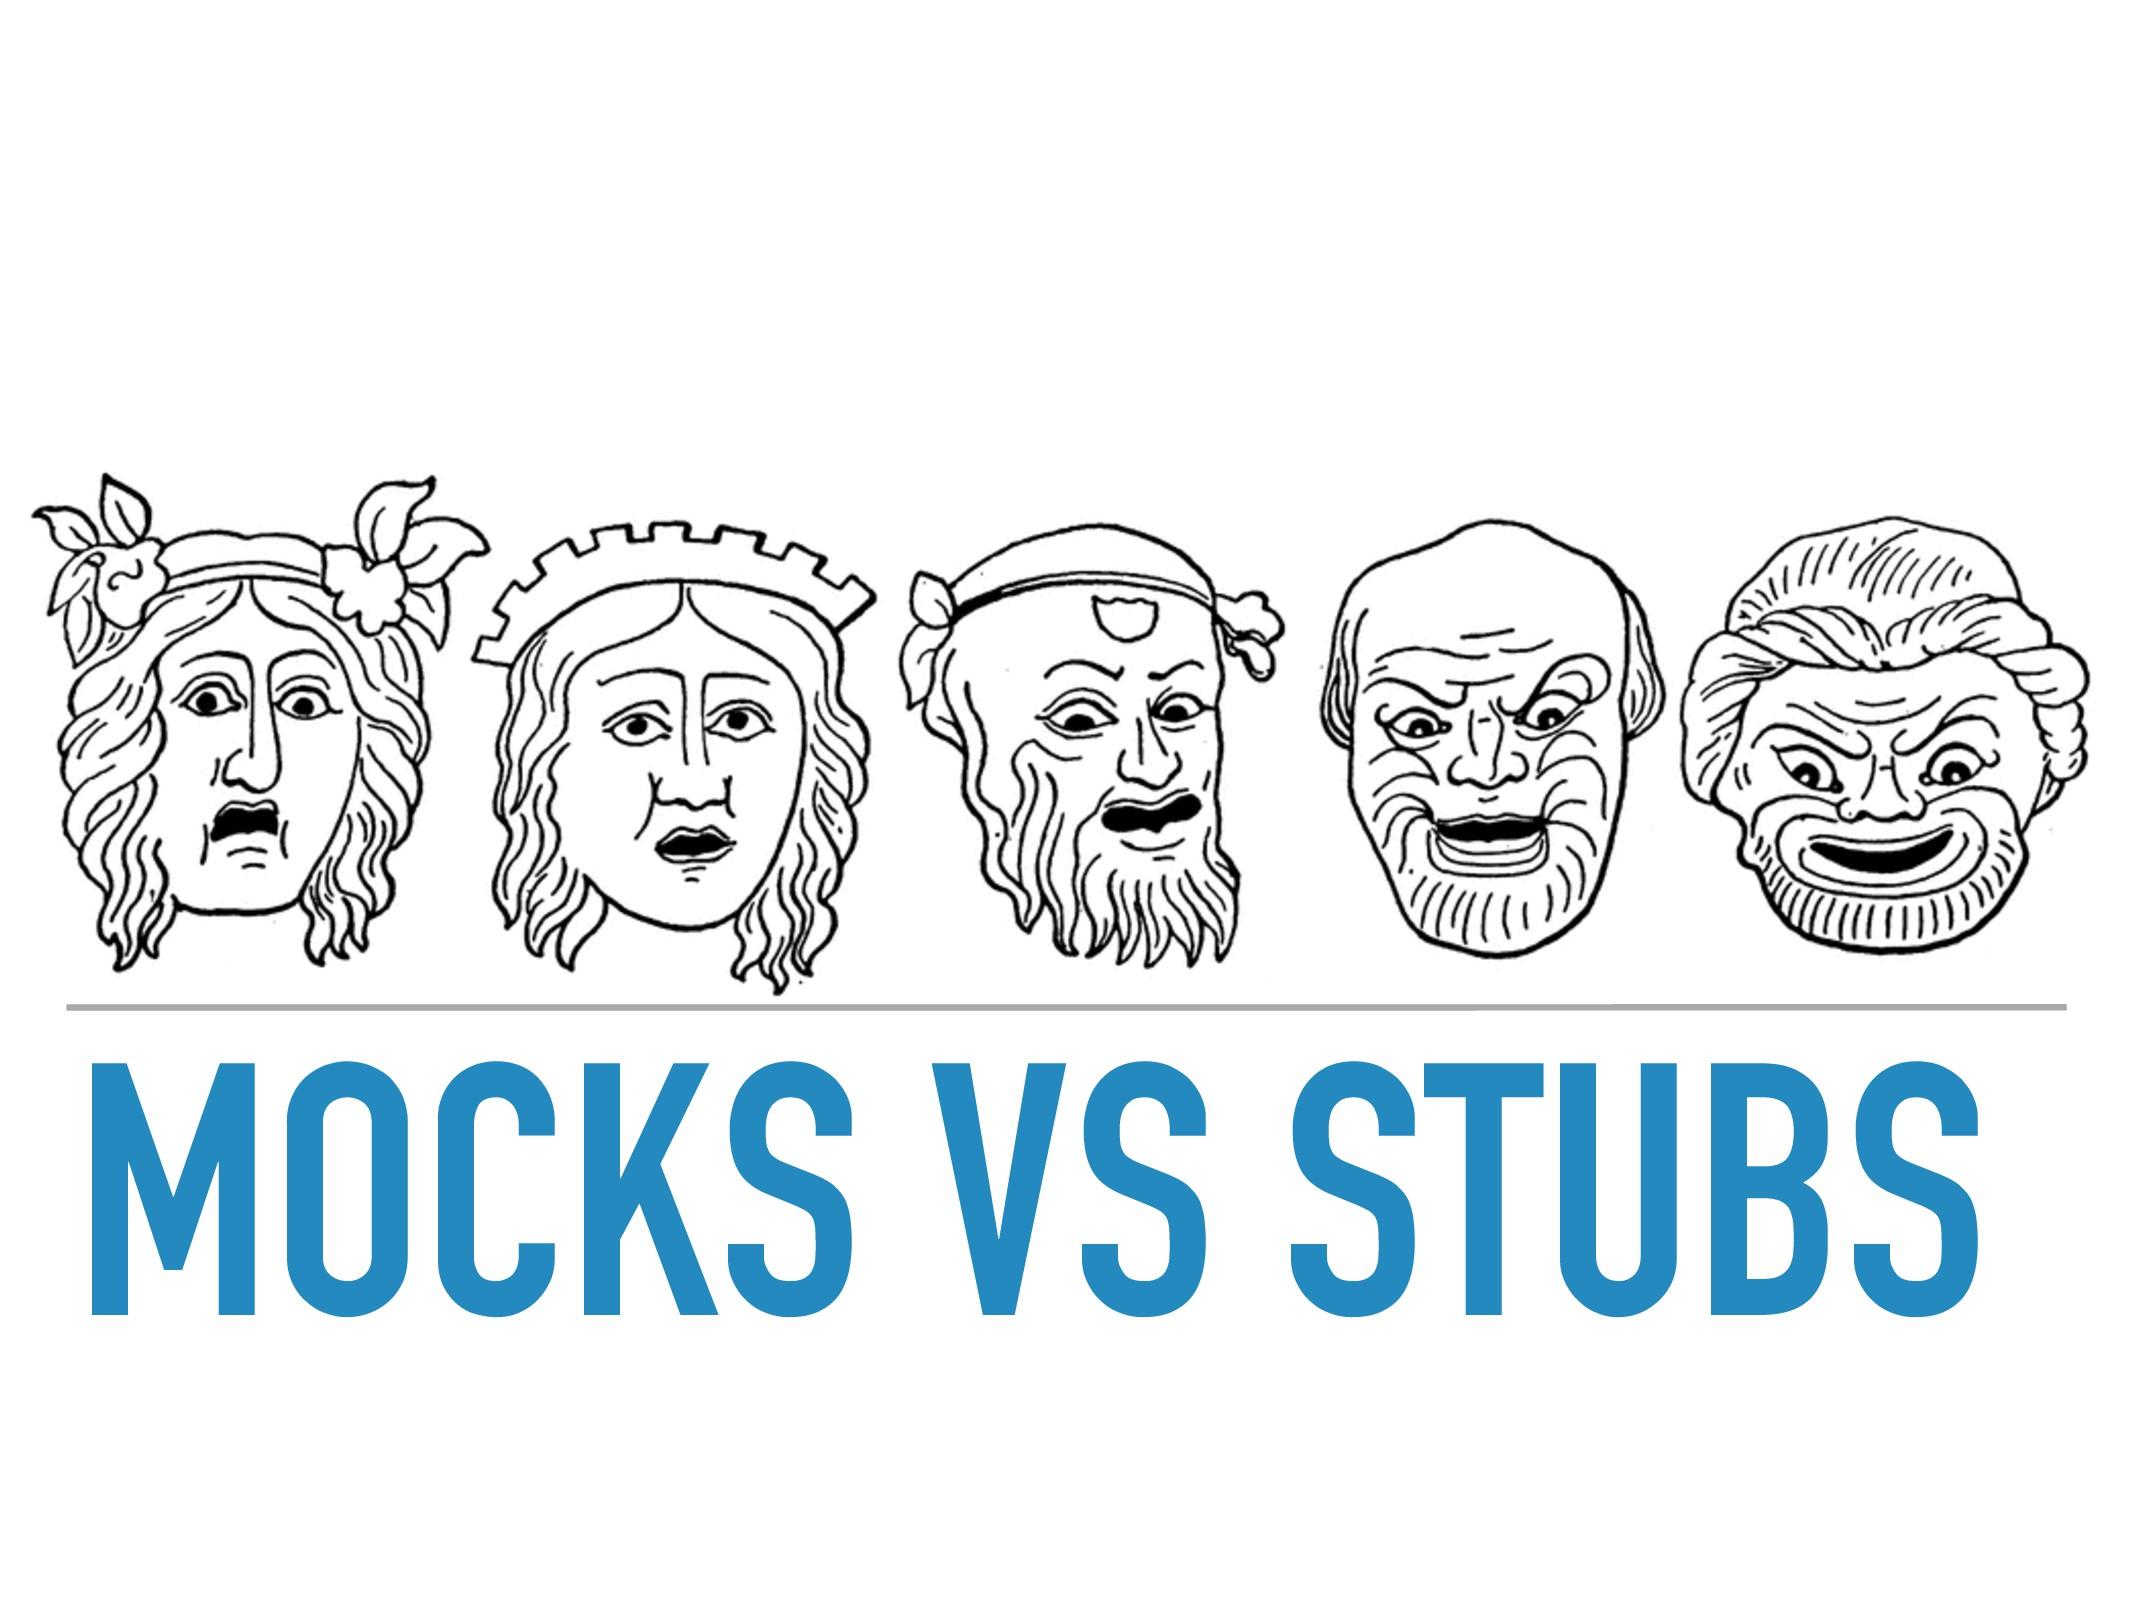 MOCKS VS STUBS